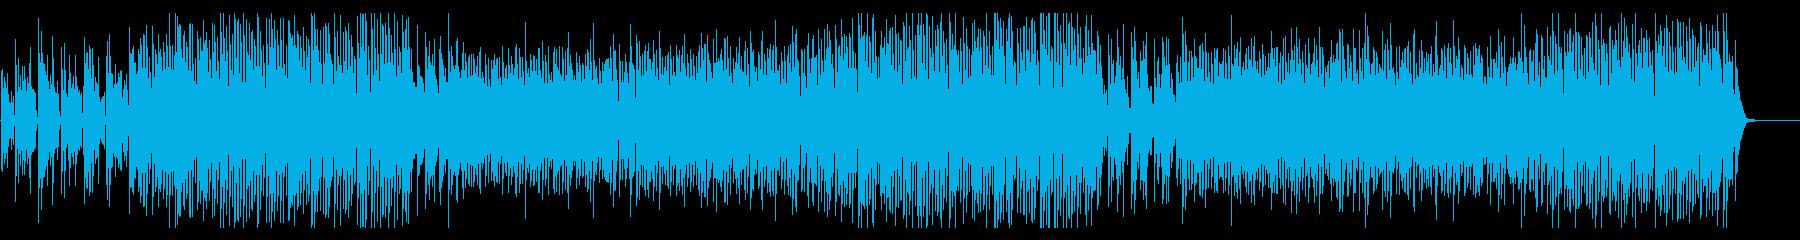 CMやVPに ノリノリ明るいピアノポップの再生済みの波形